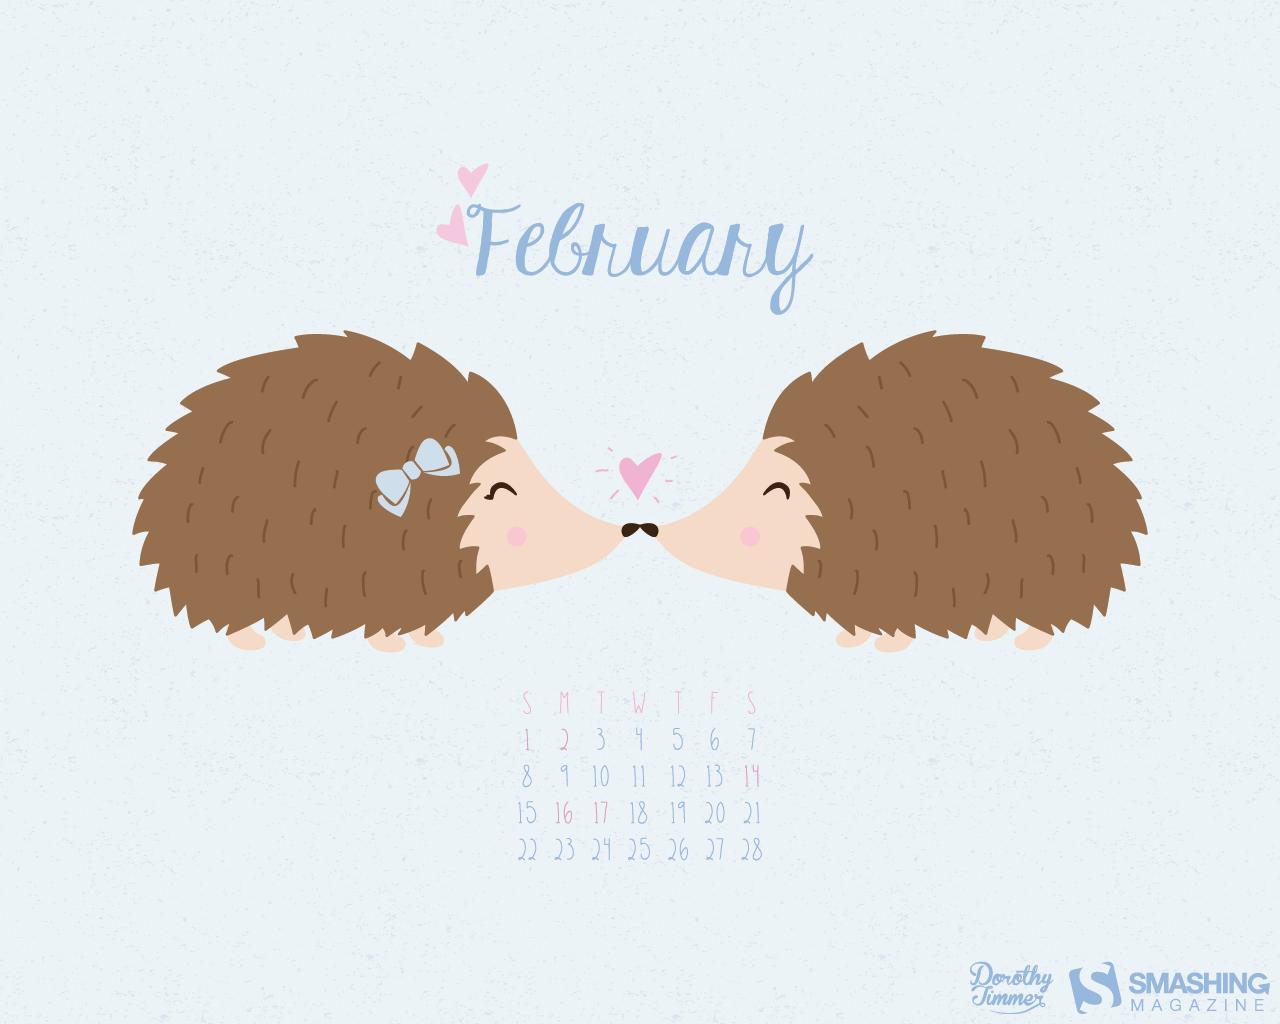 Desktop Background Calendar February Wallpapers Ideas 1280x1024